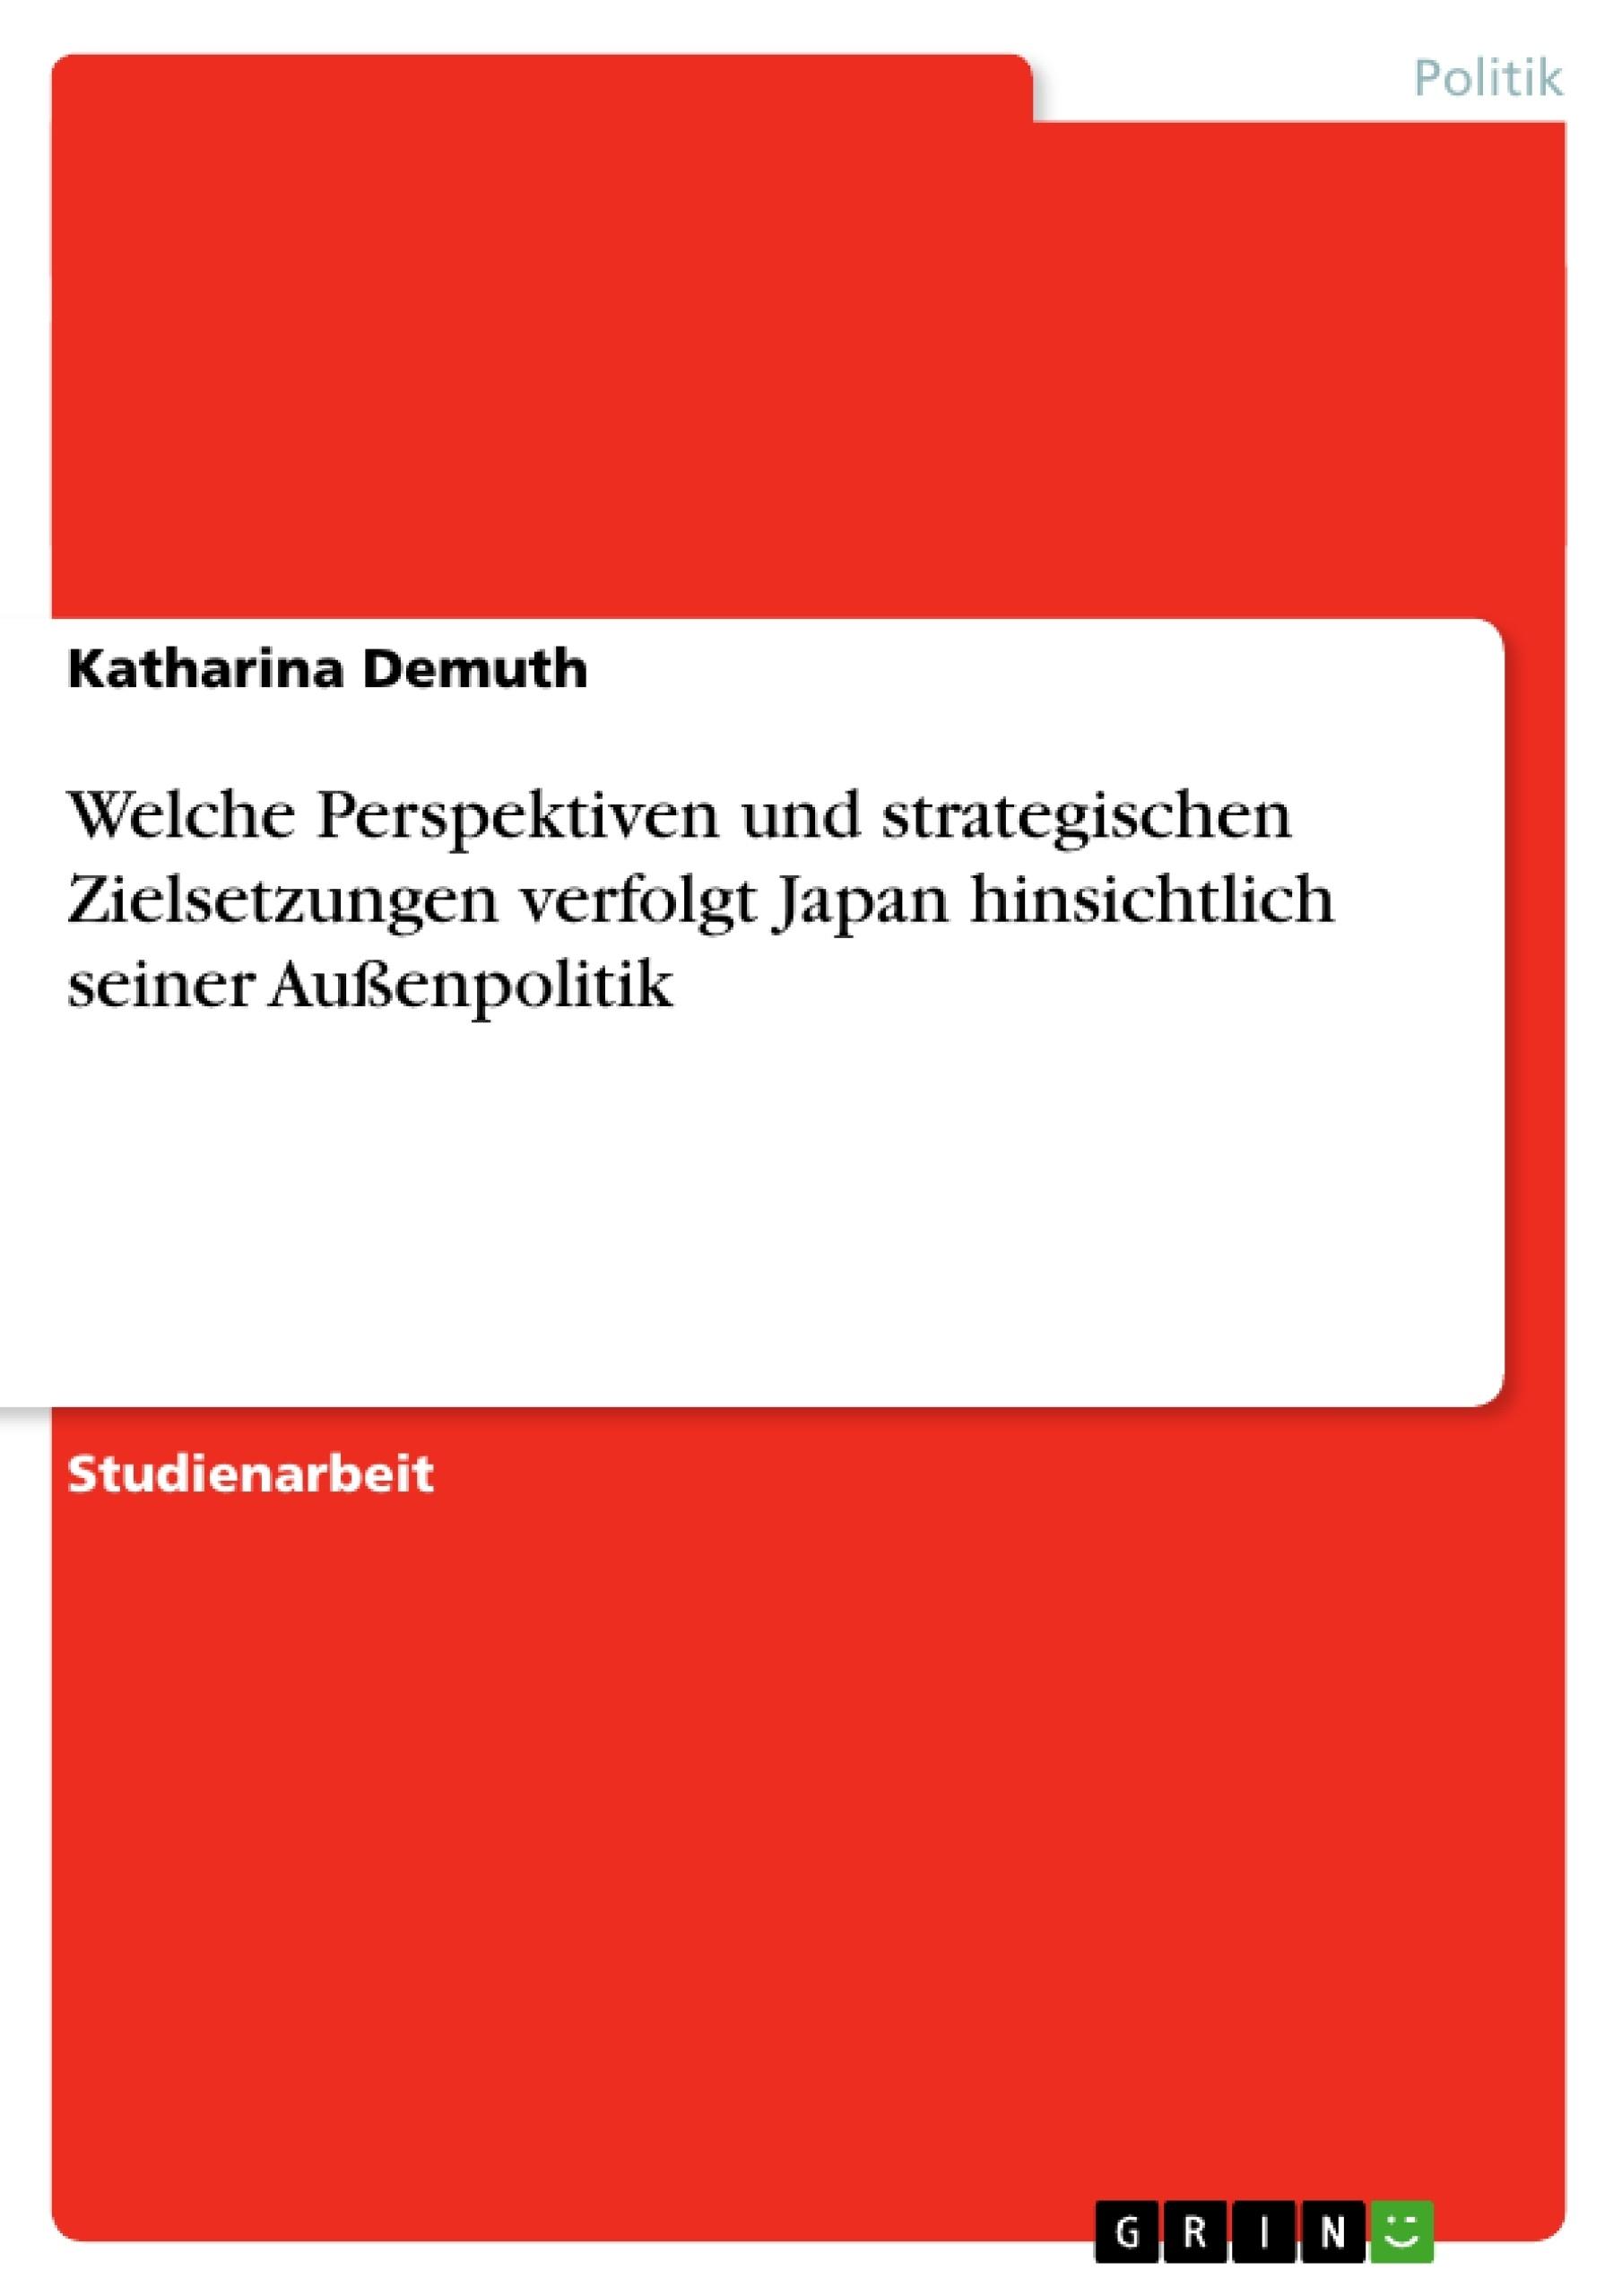 Titel: Welche Perspektiven und strategischen Zielsetzungen verfolgt Japan hinsichtlich seiner Außenpolitik